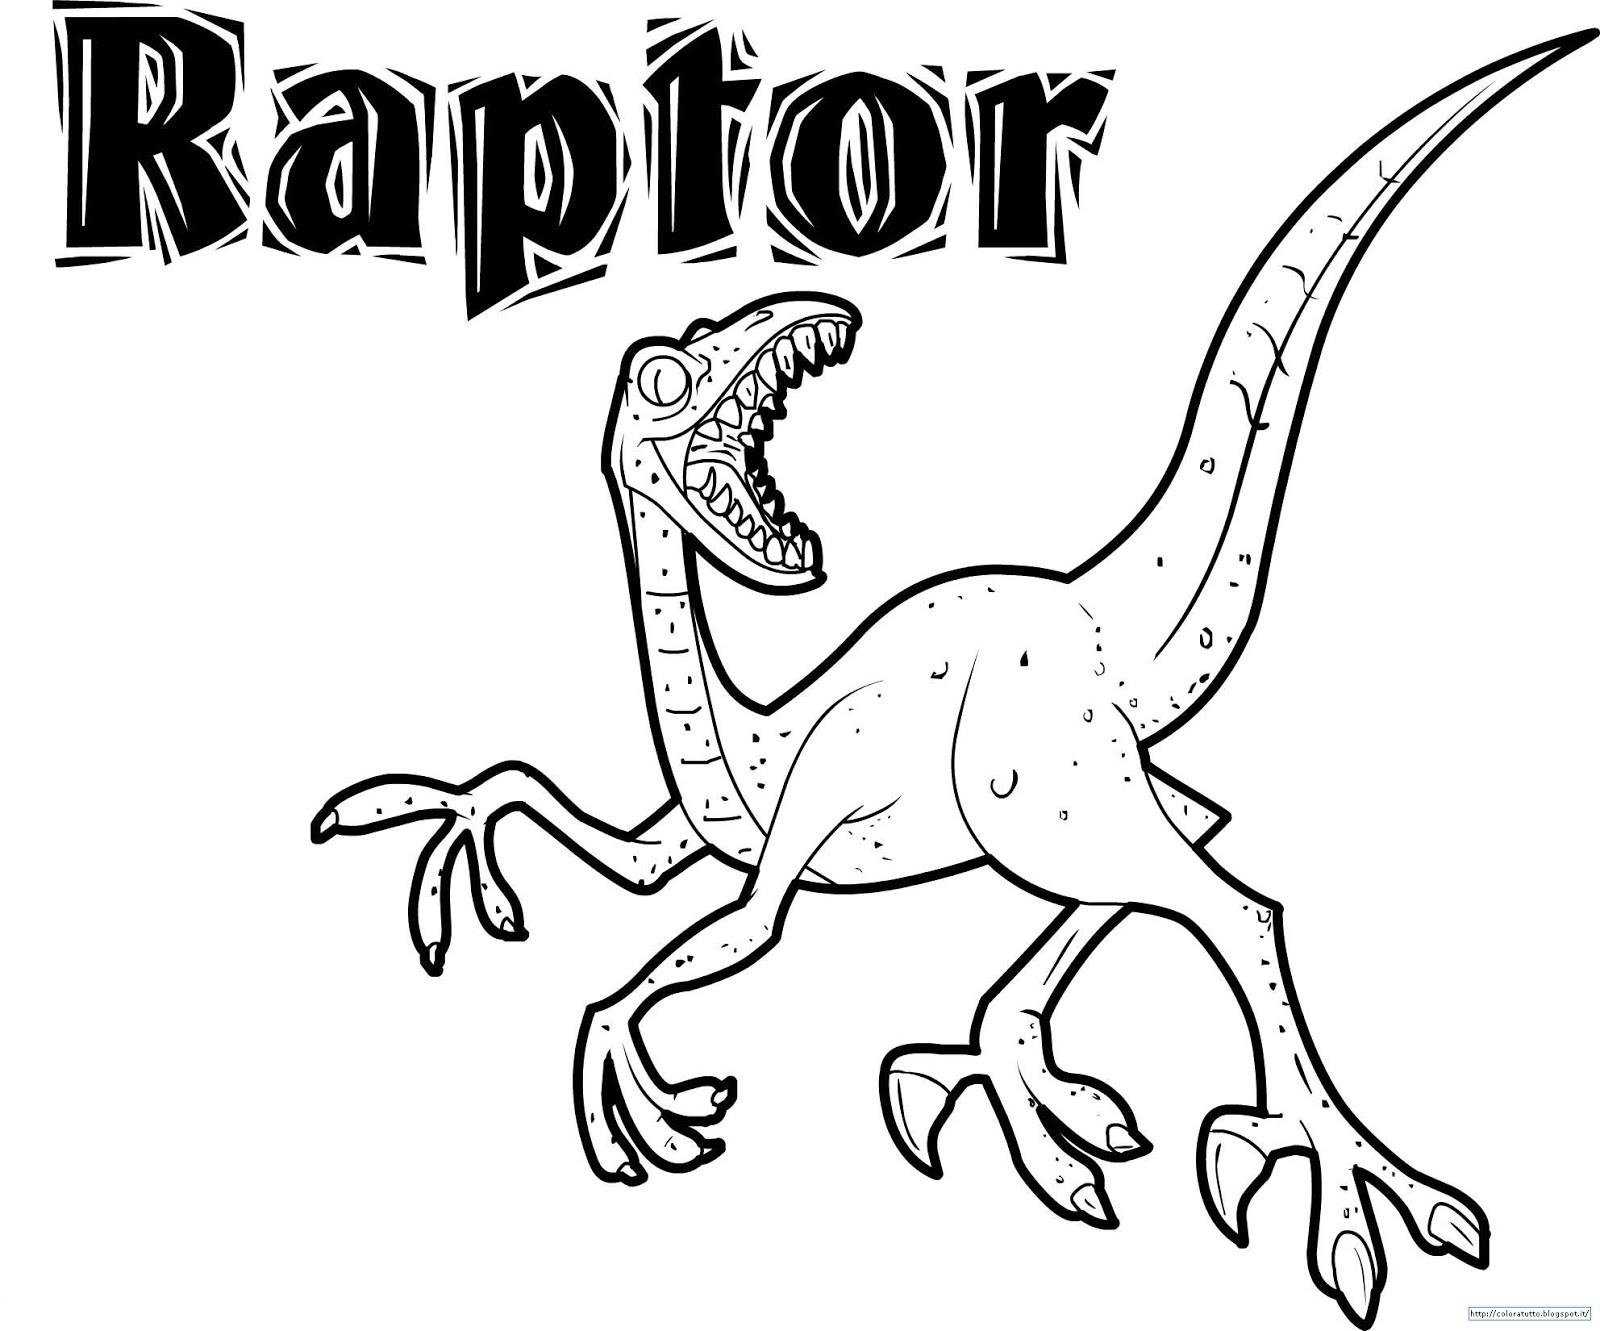 raptors coloring pages - photo #24